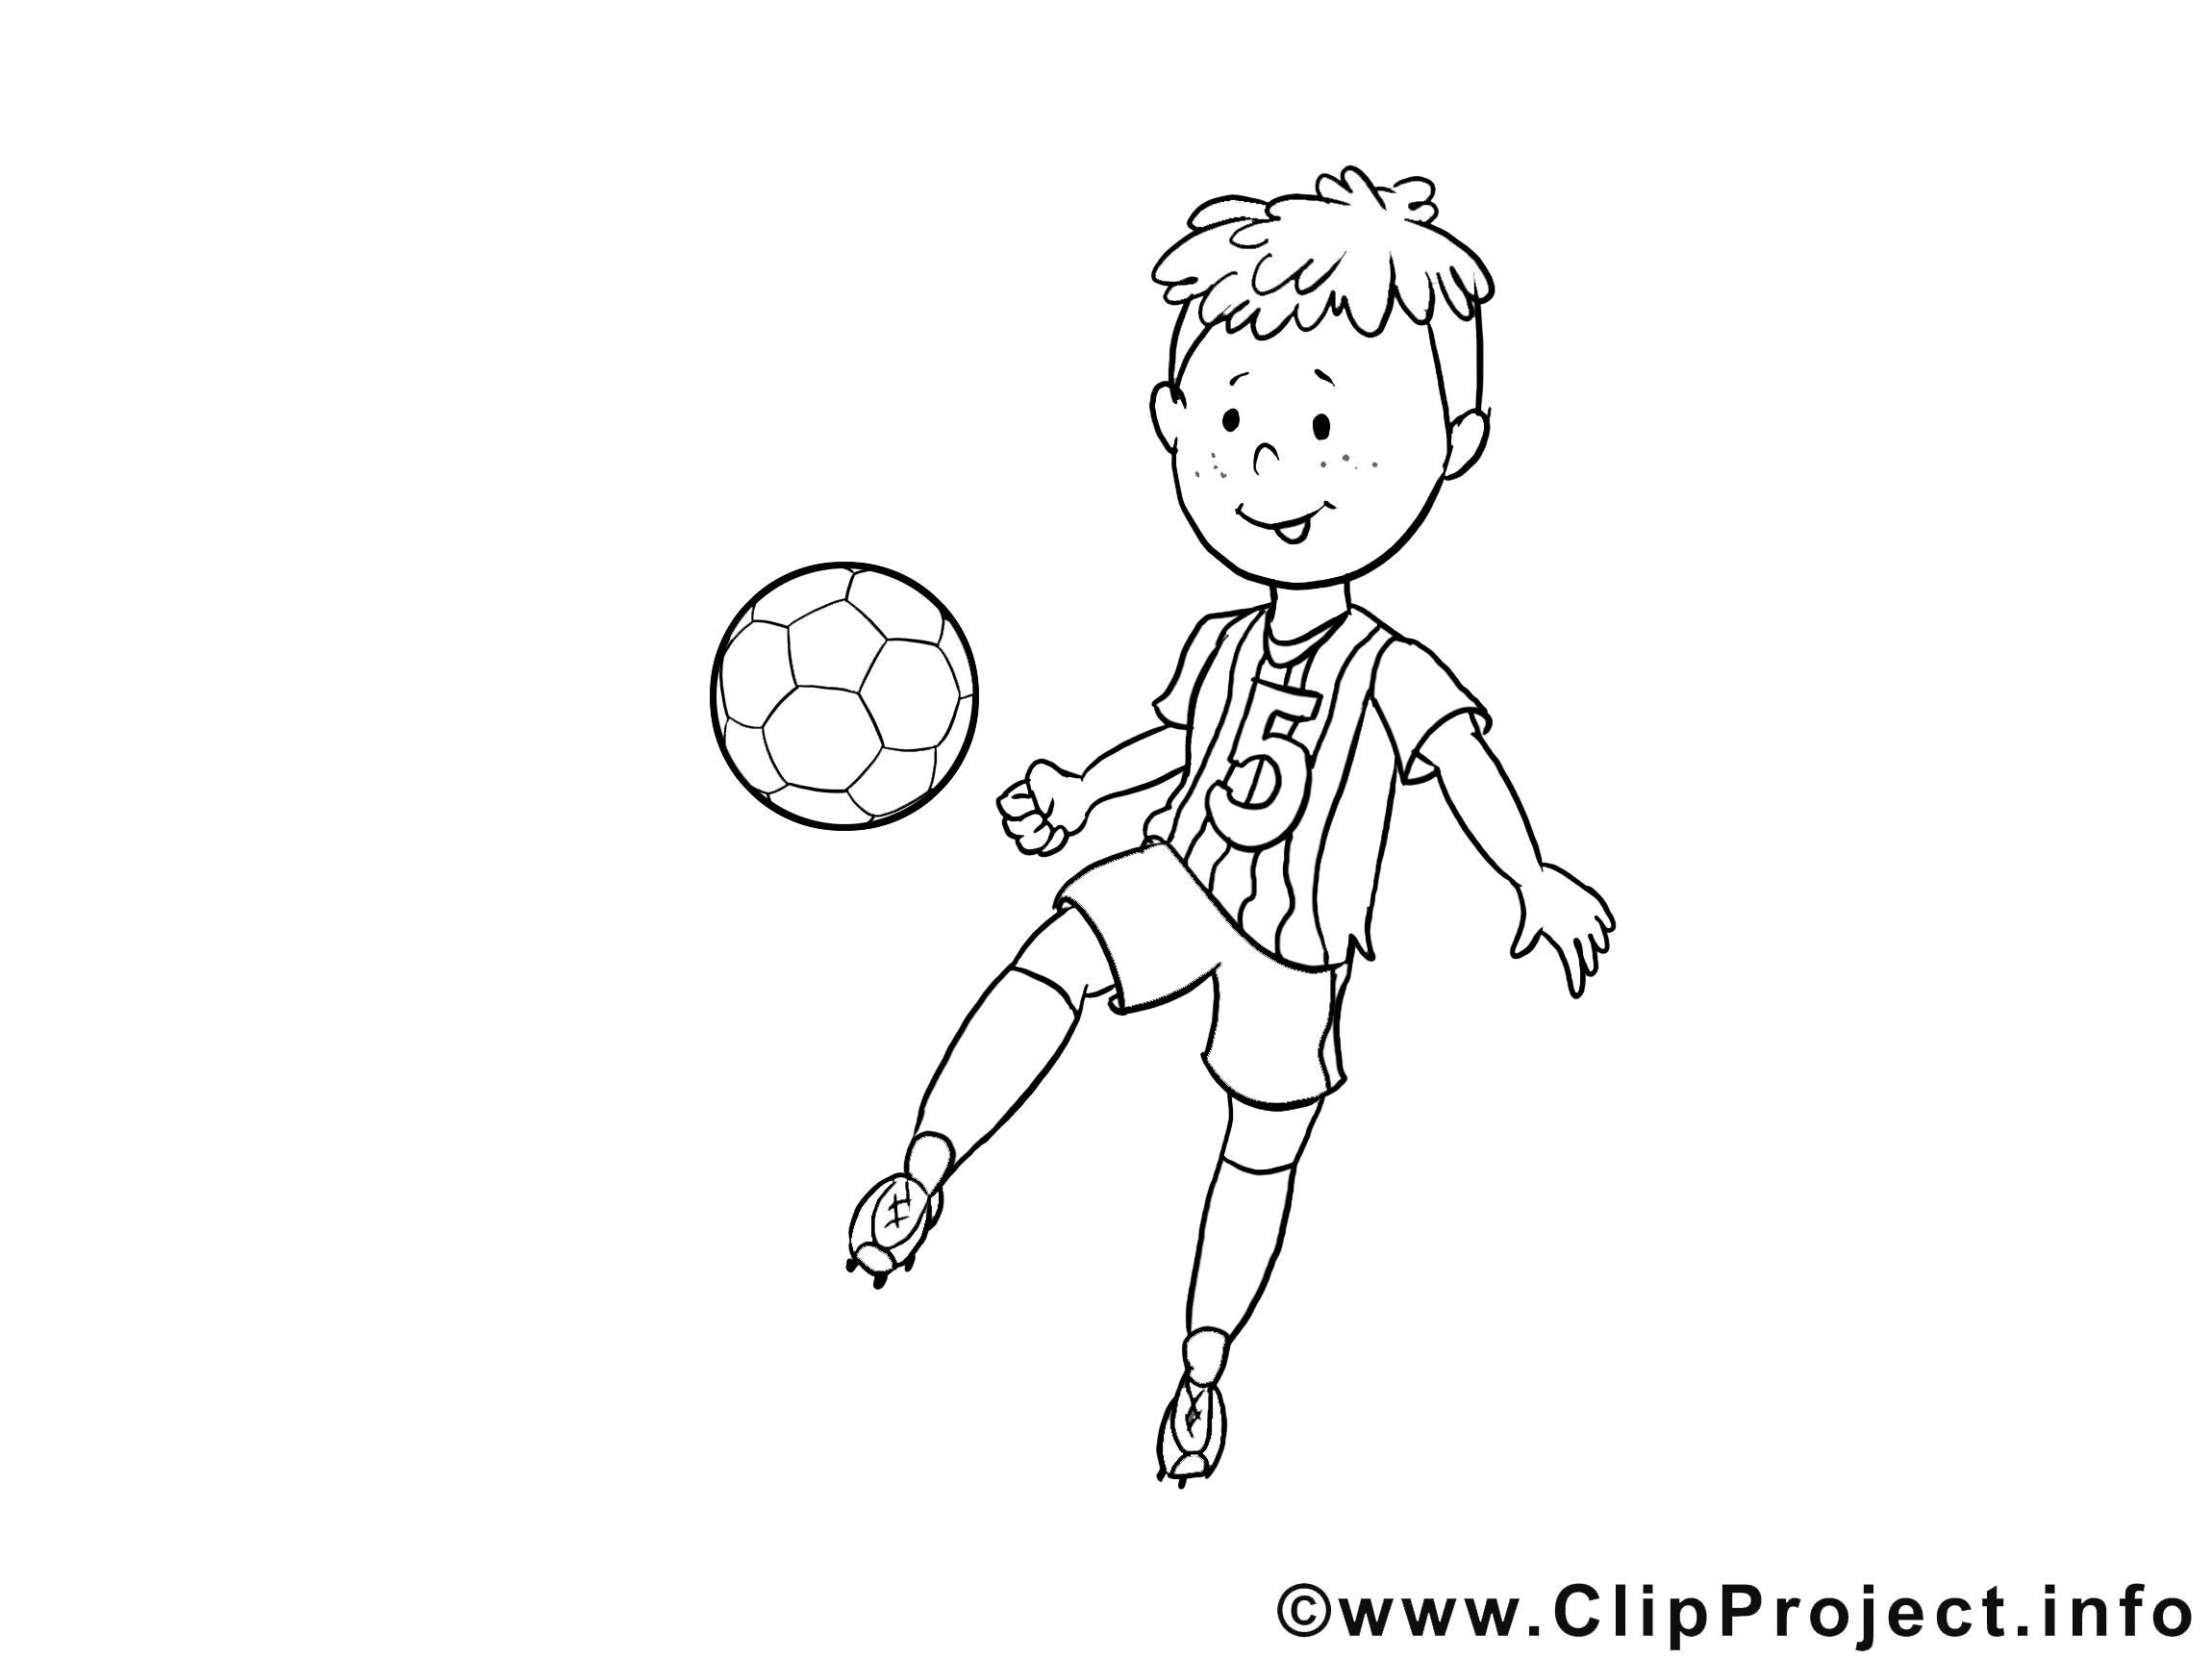 Coloriage Ballon Foot Imprimer.Dessin Ballon Football Gratuits A Imprimer Football Coloriages